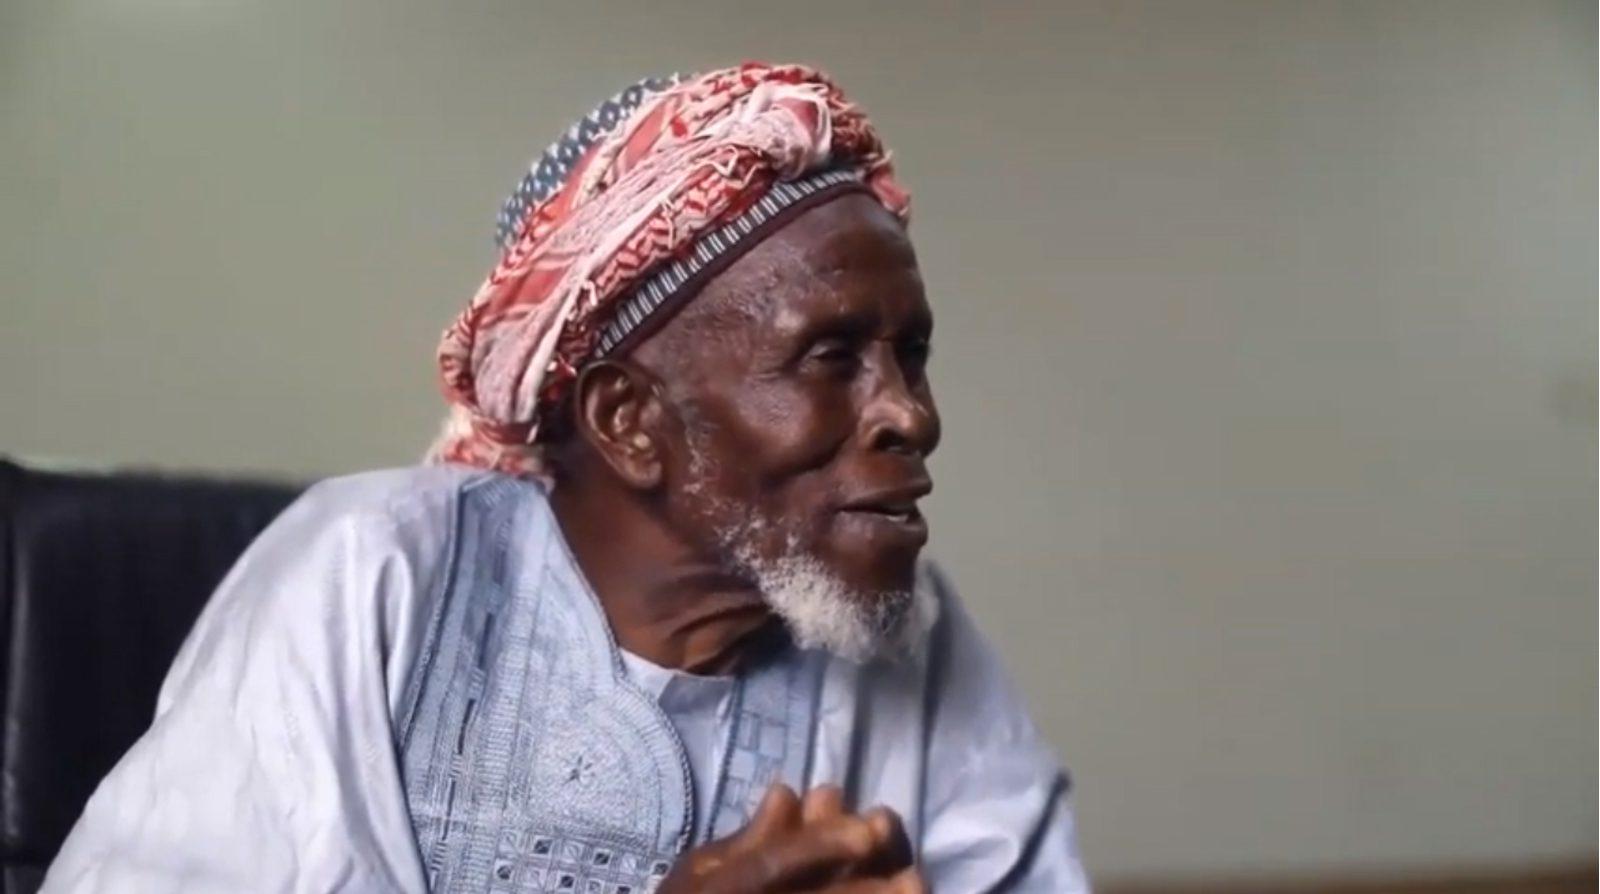 20190722-Nigeria-imam-redt-christenen